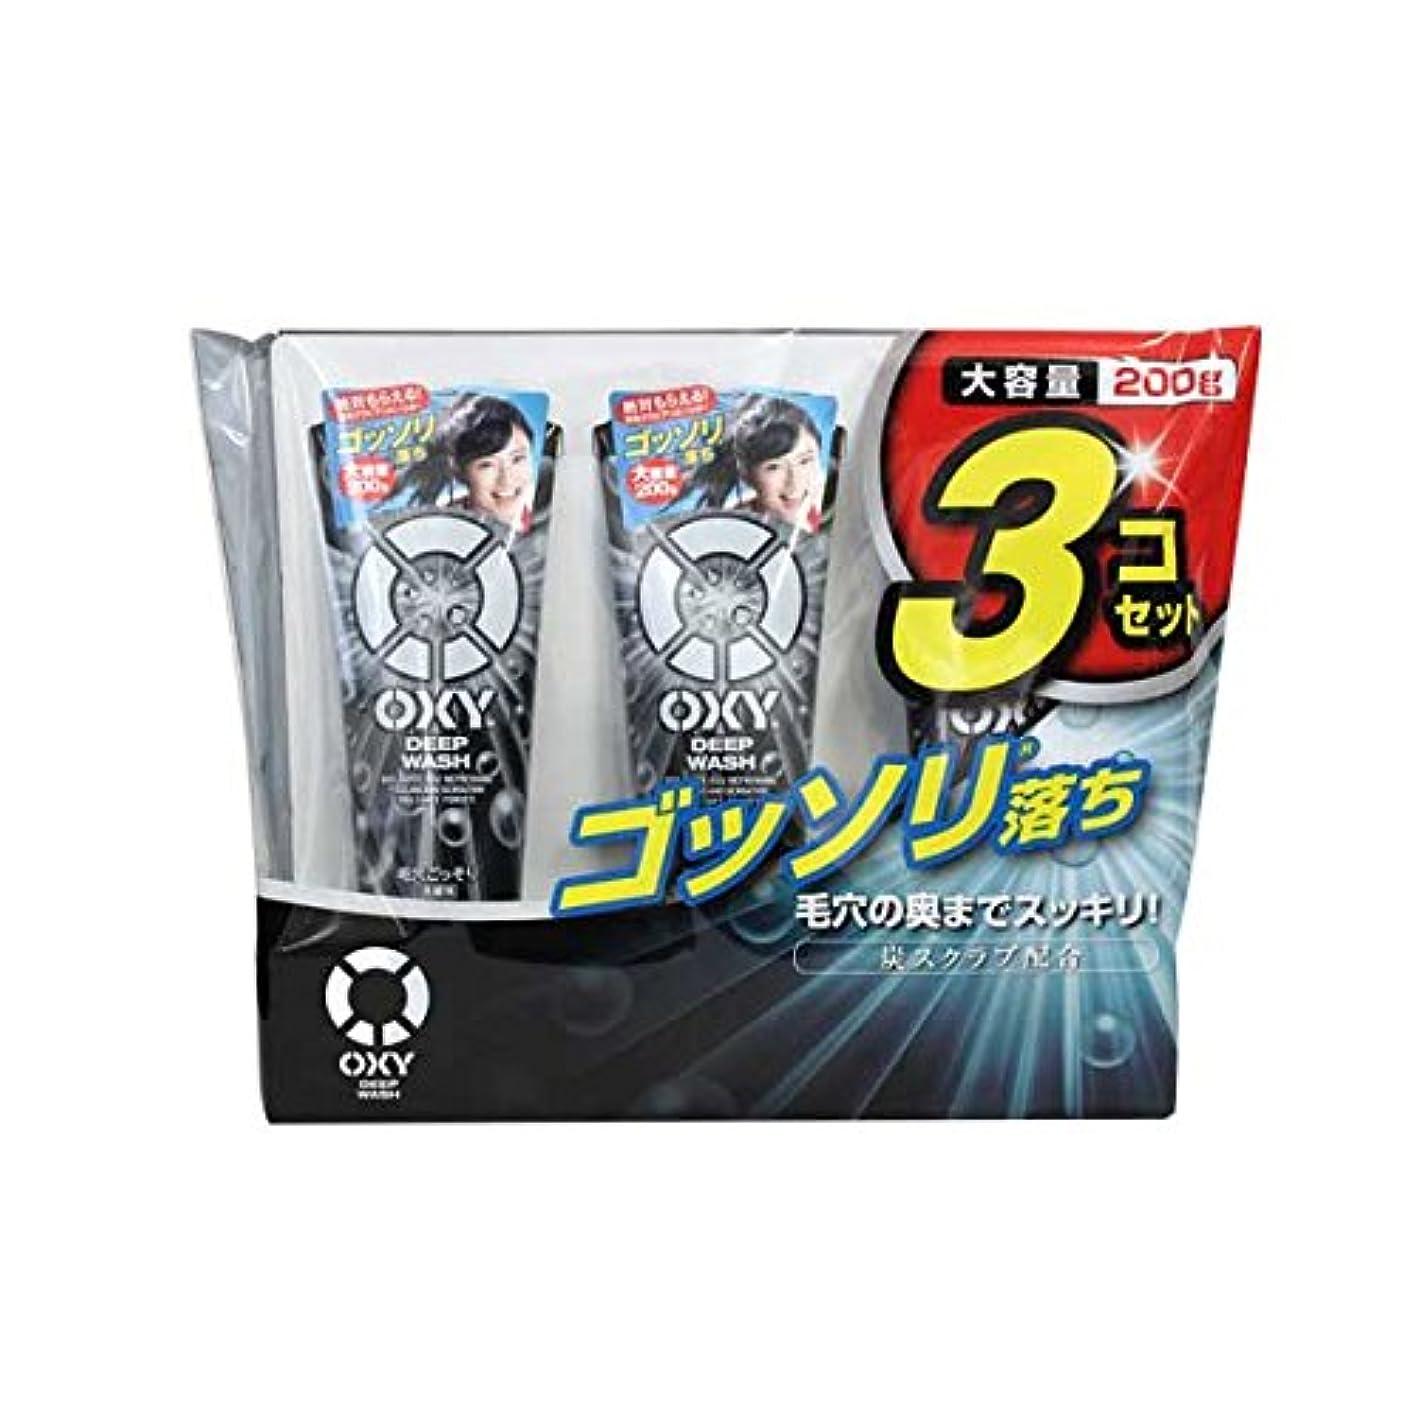 推論不可能な入植者OXY 炭スクラブ洗顔料 大容量 200gx3本